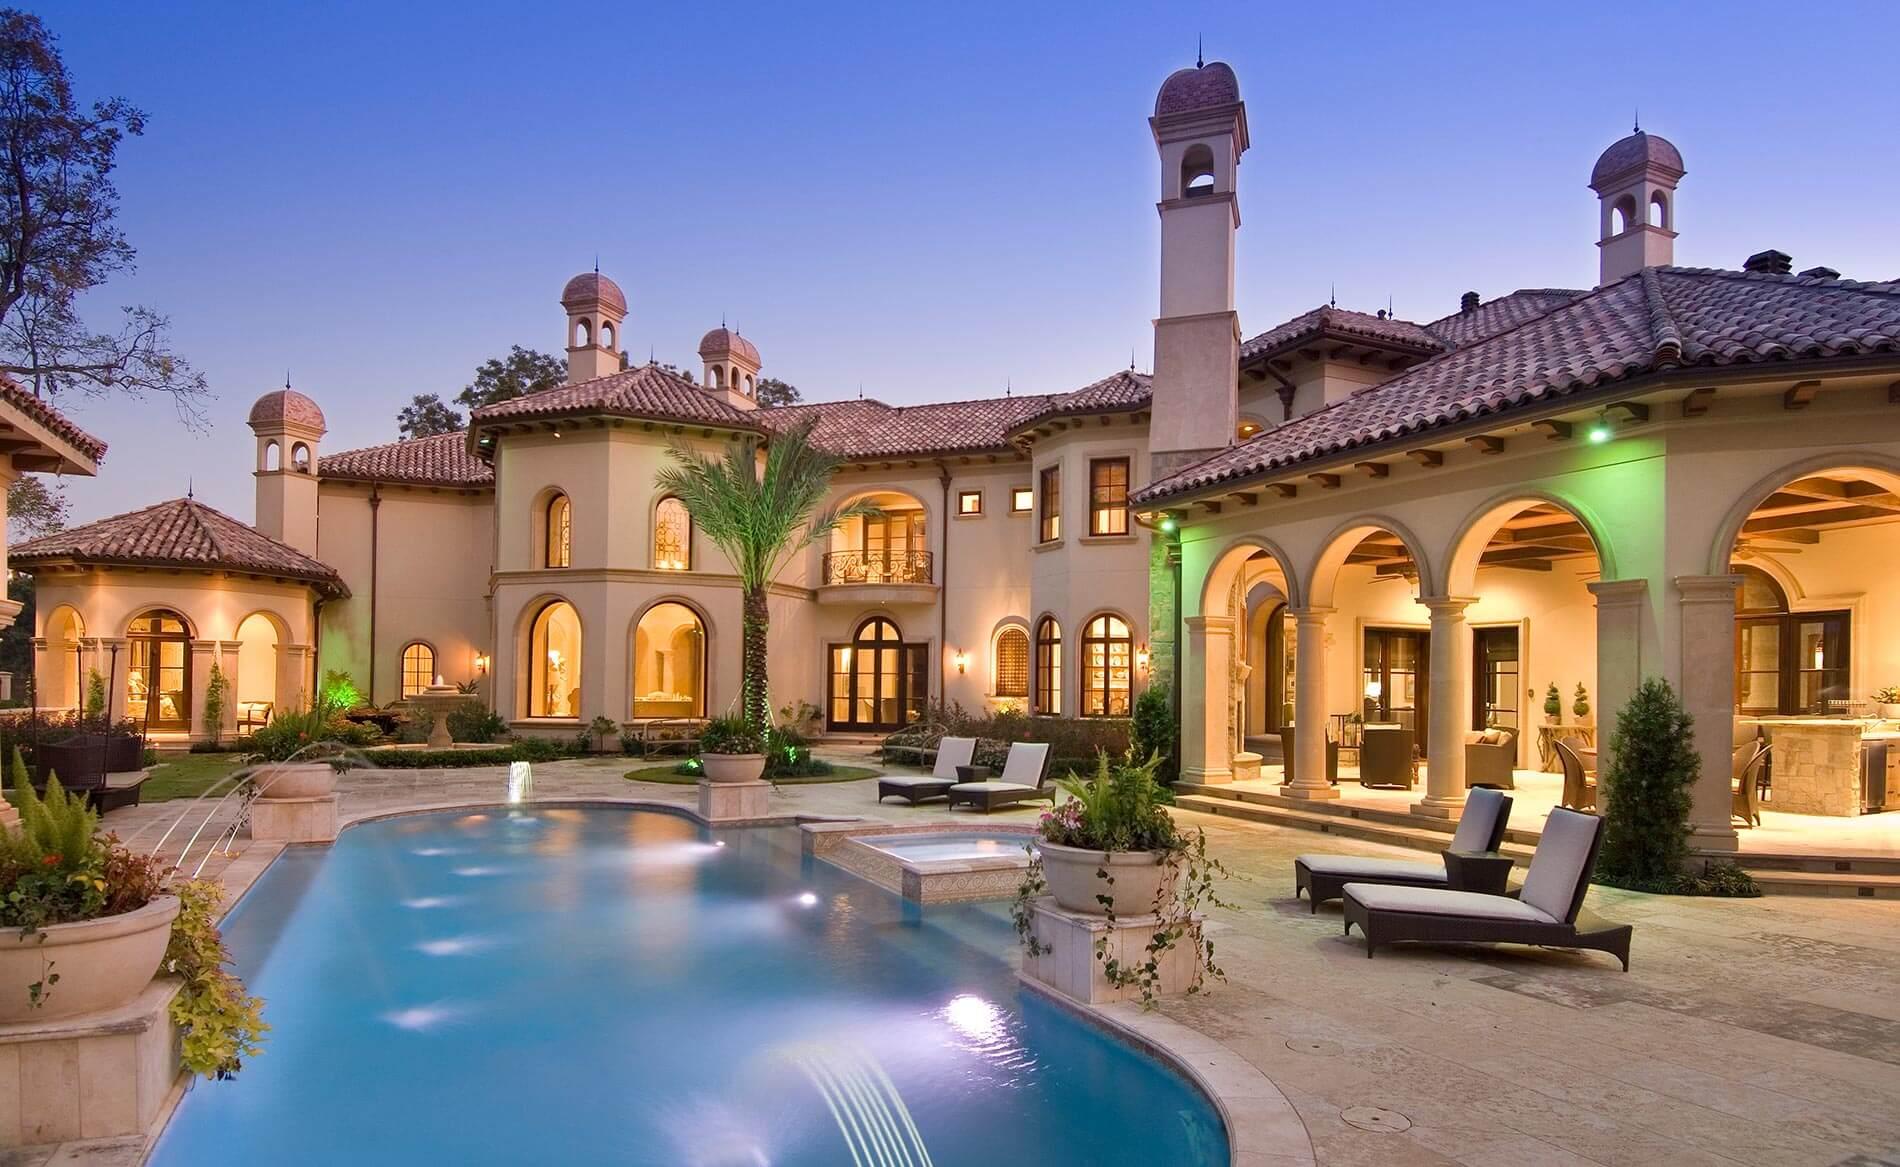 luxury home outdoor